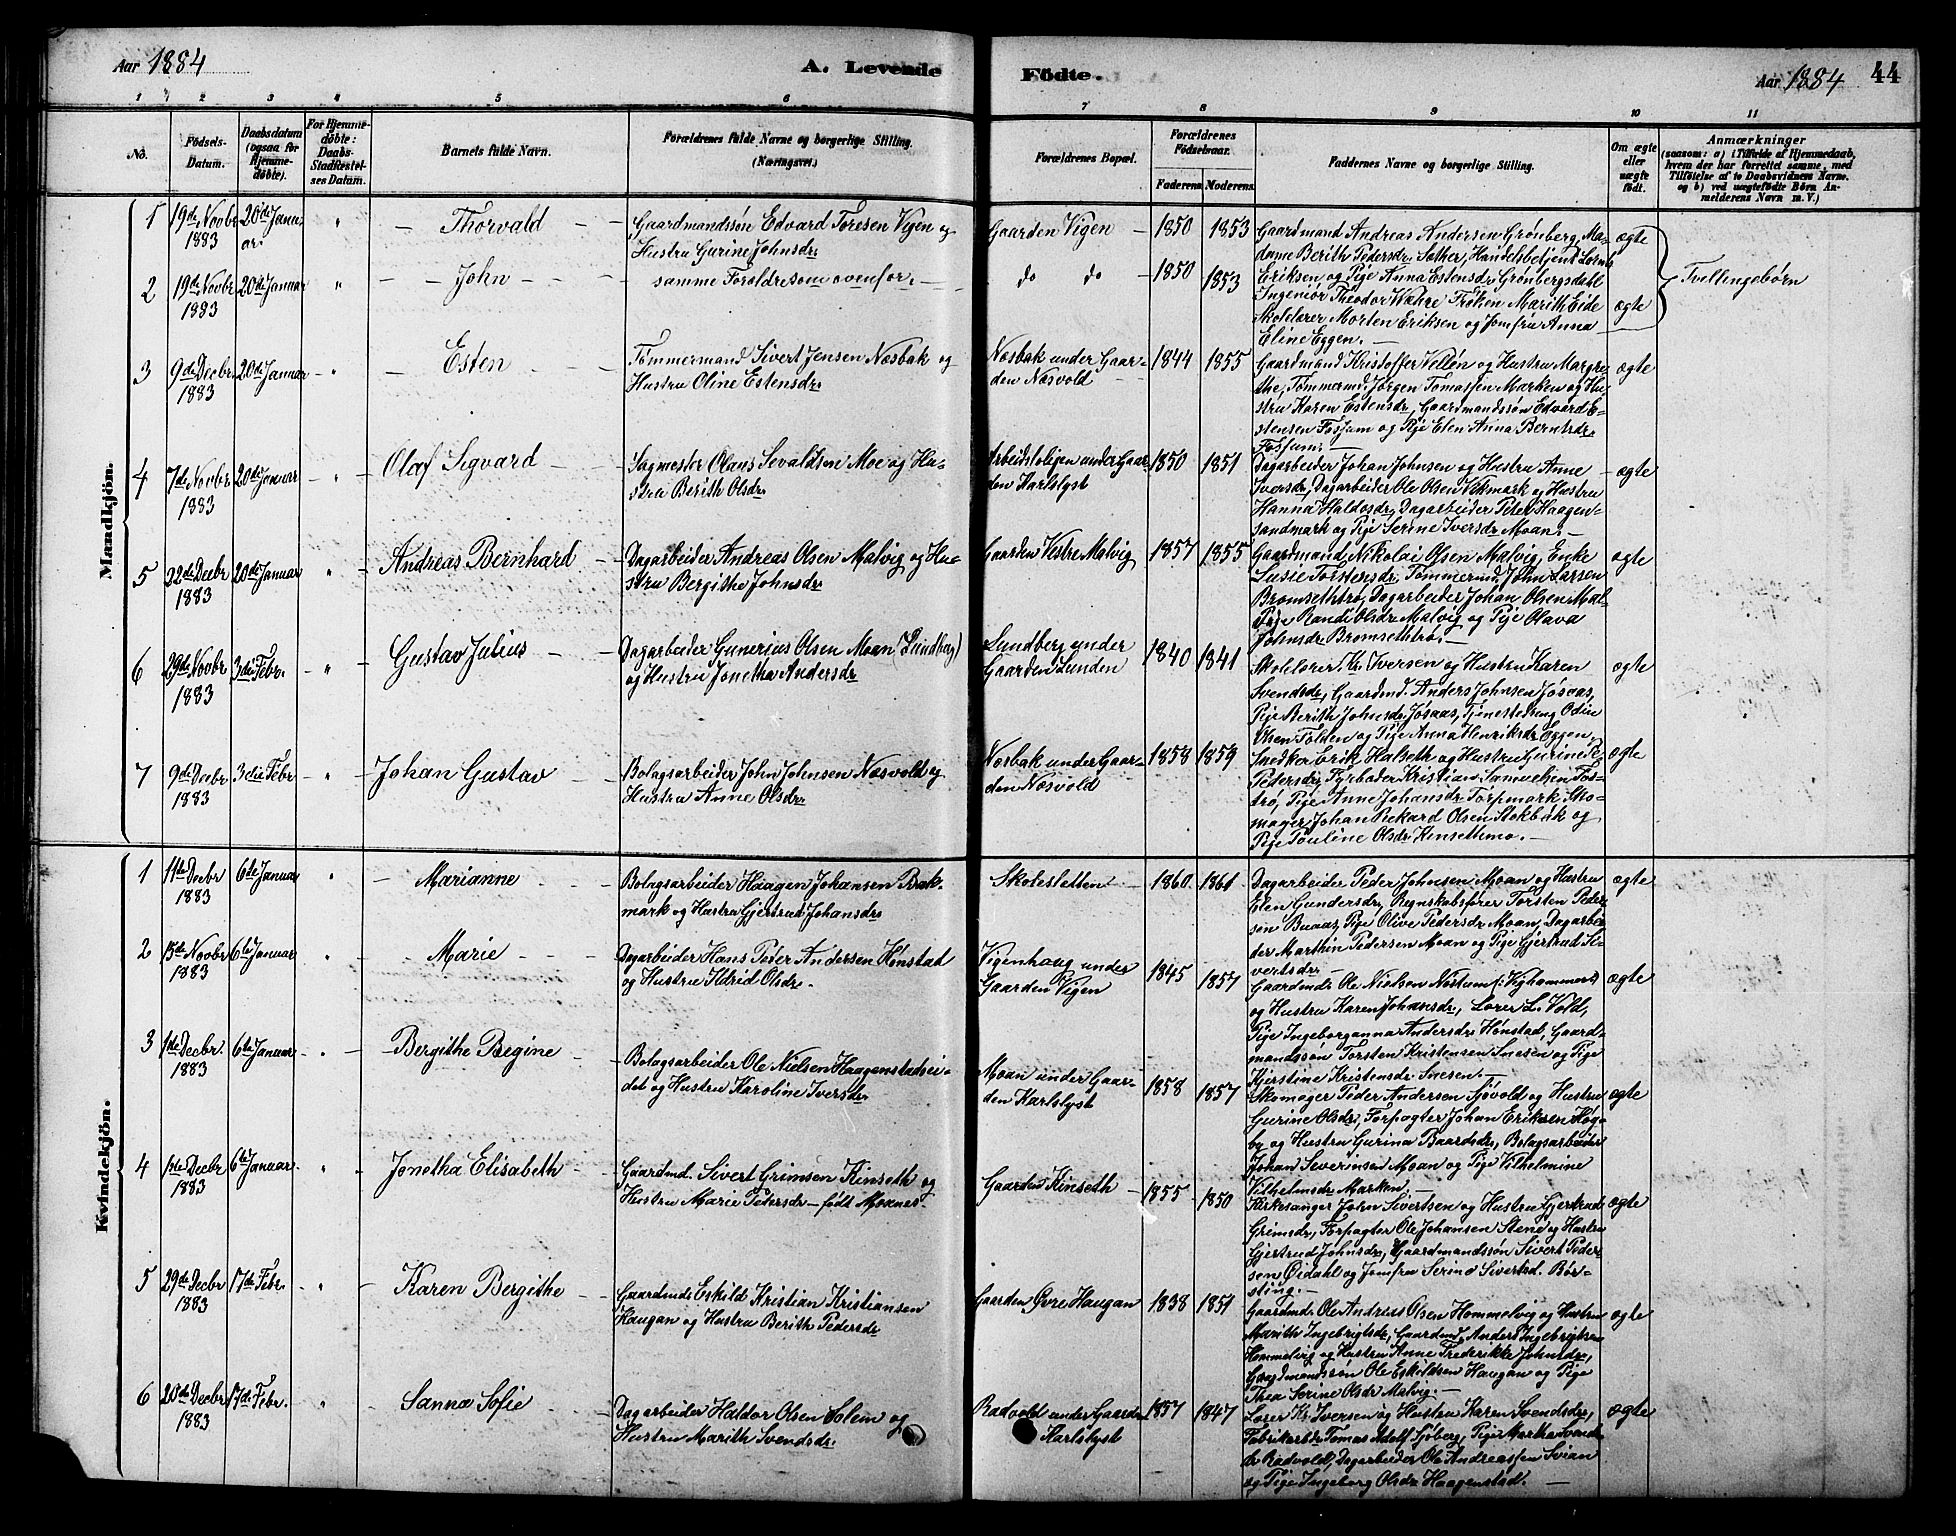 SAT, Ministerialprotokoller, klokkerbøker og fødselsregistre - Sør-Trøndelag, 616/L0423: Klokkerbok nr. 616C06, 1878-1903, s. 44